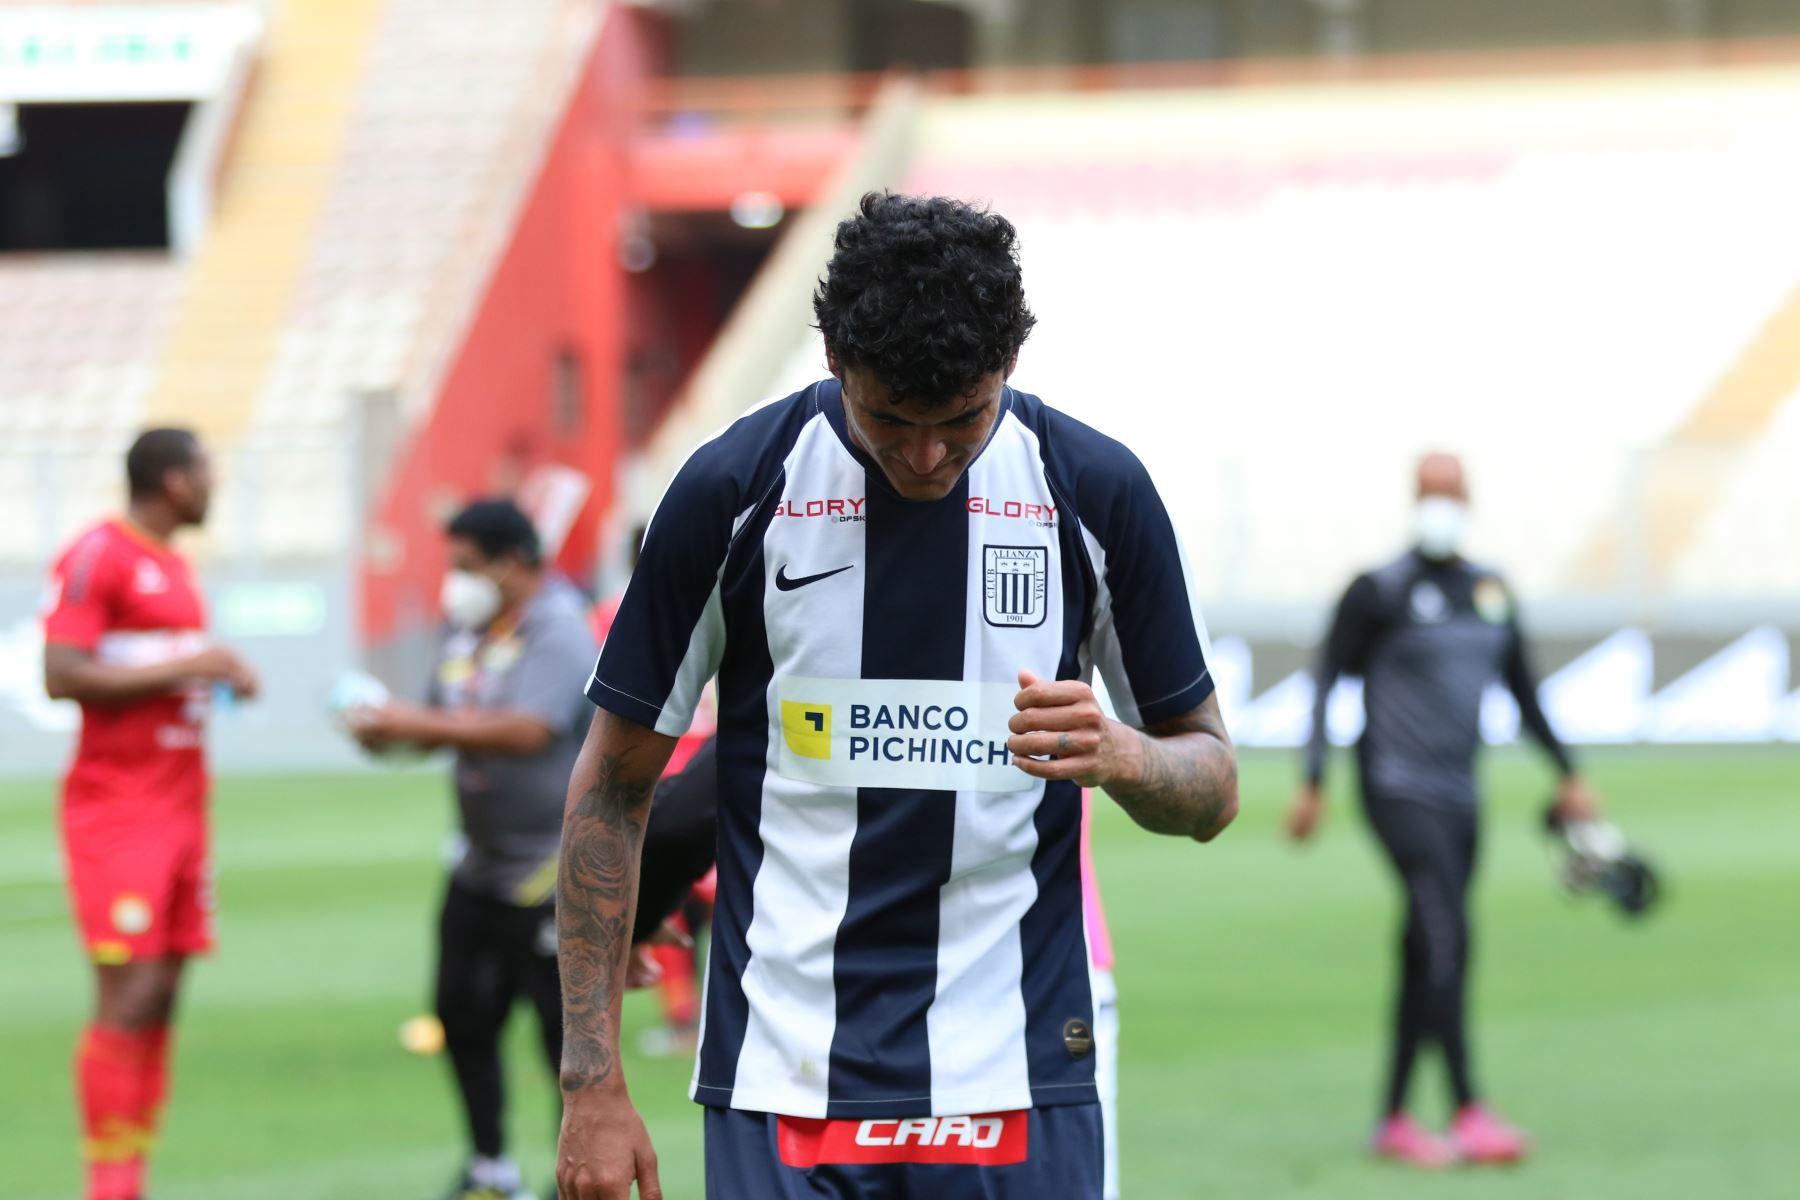 Alianza Lima cayó por dos goles a cero frente a Sport Huancayo en el Estadio Nacional y perdió la categoría al quedar en el puesto 18 del torneo. Foto: @LigaFutProf